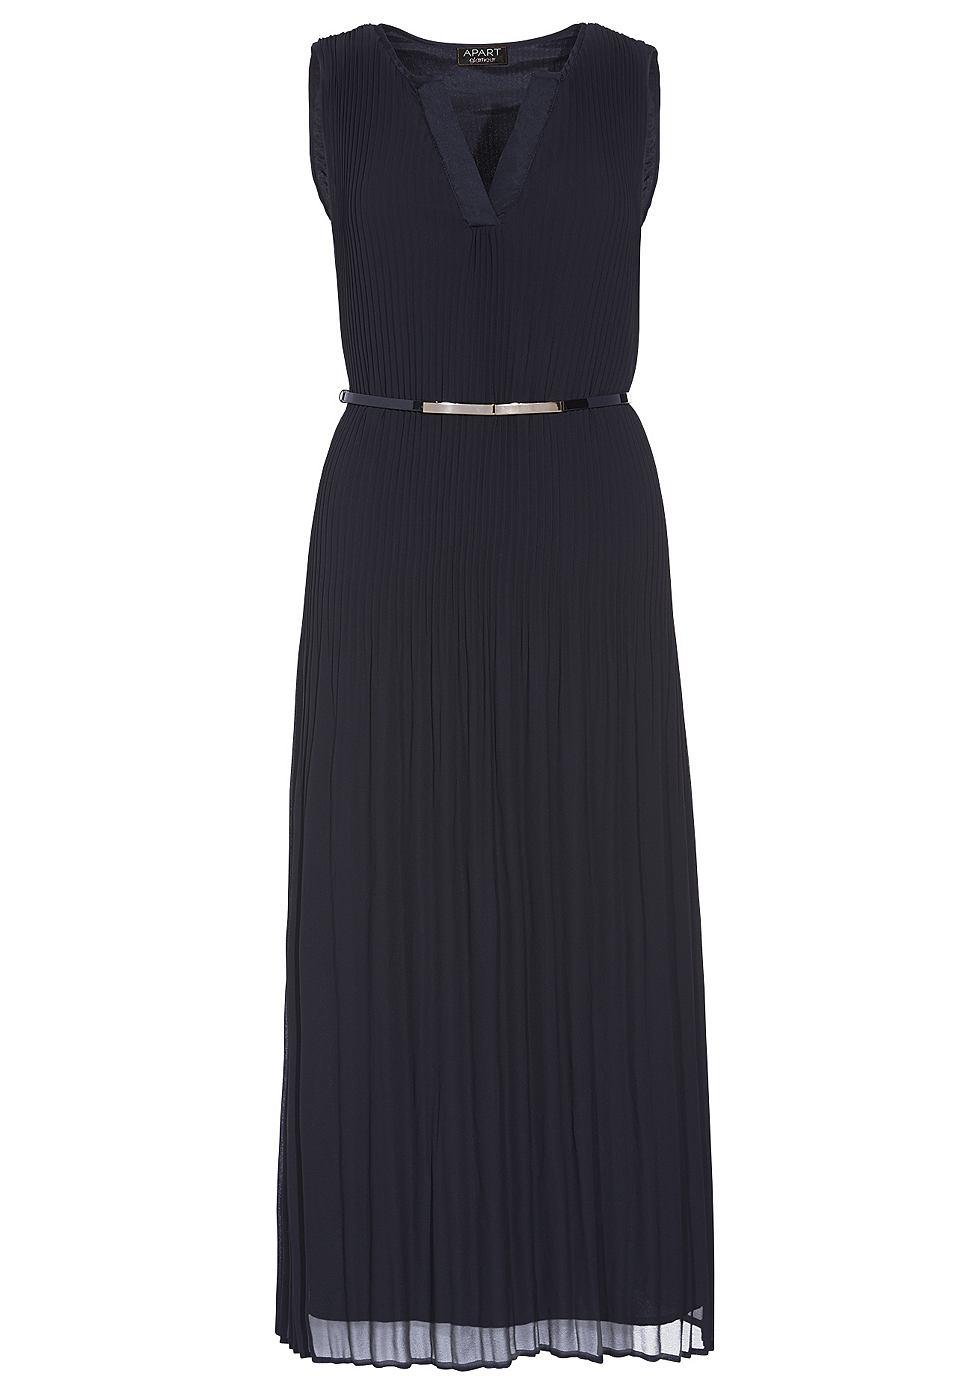 Apart Plissee jurk zwart